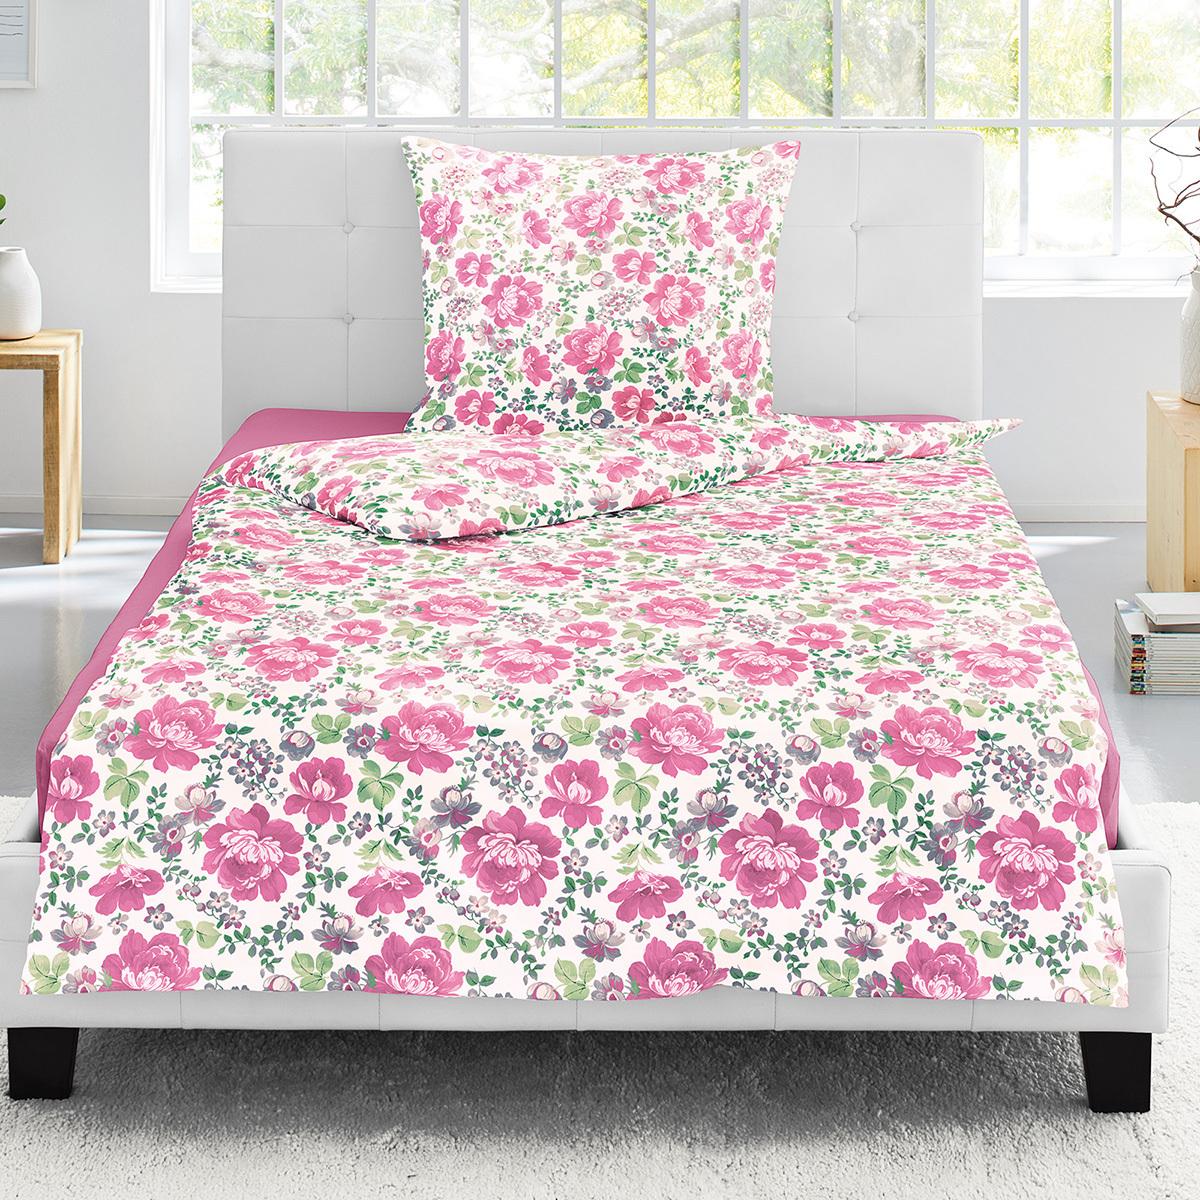 Irisette Jersey Bettwäsche Luna Edmonton pink